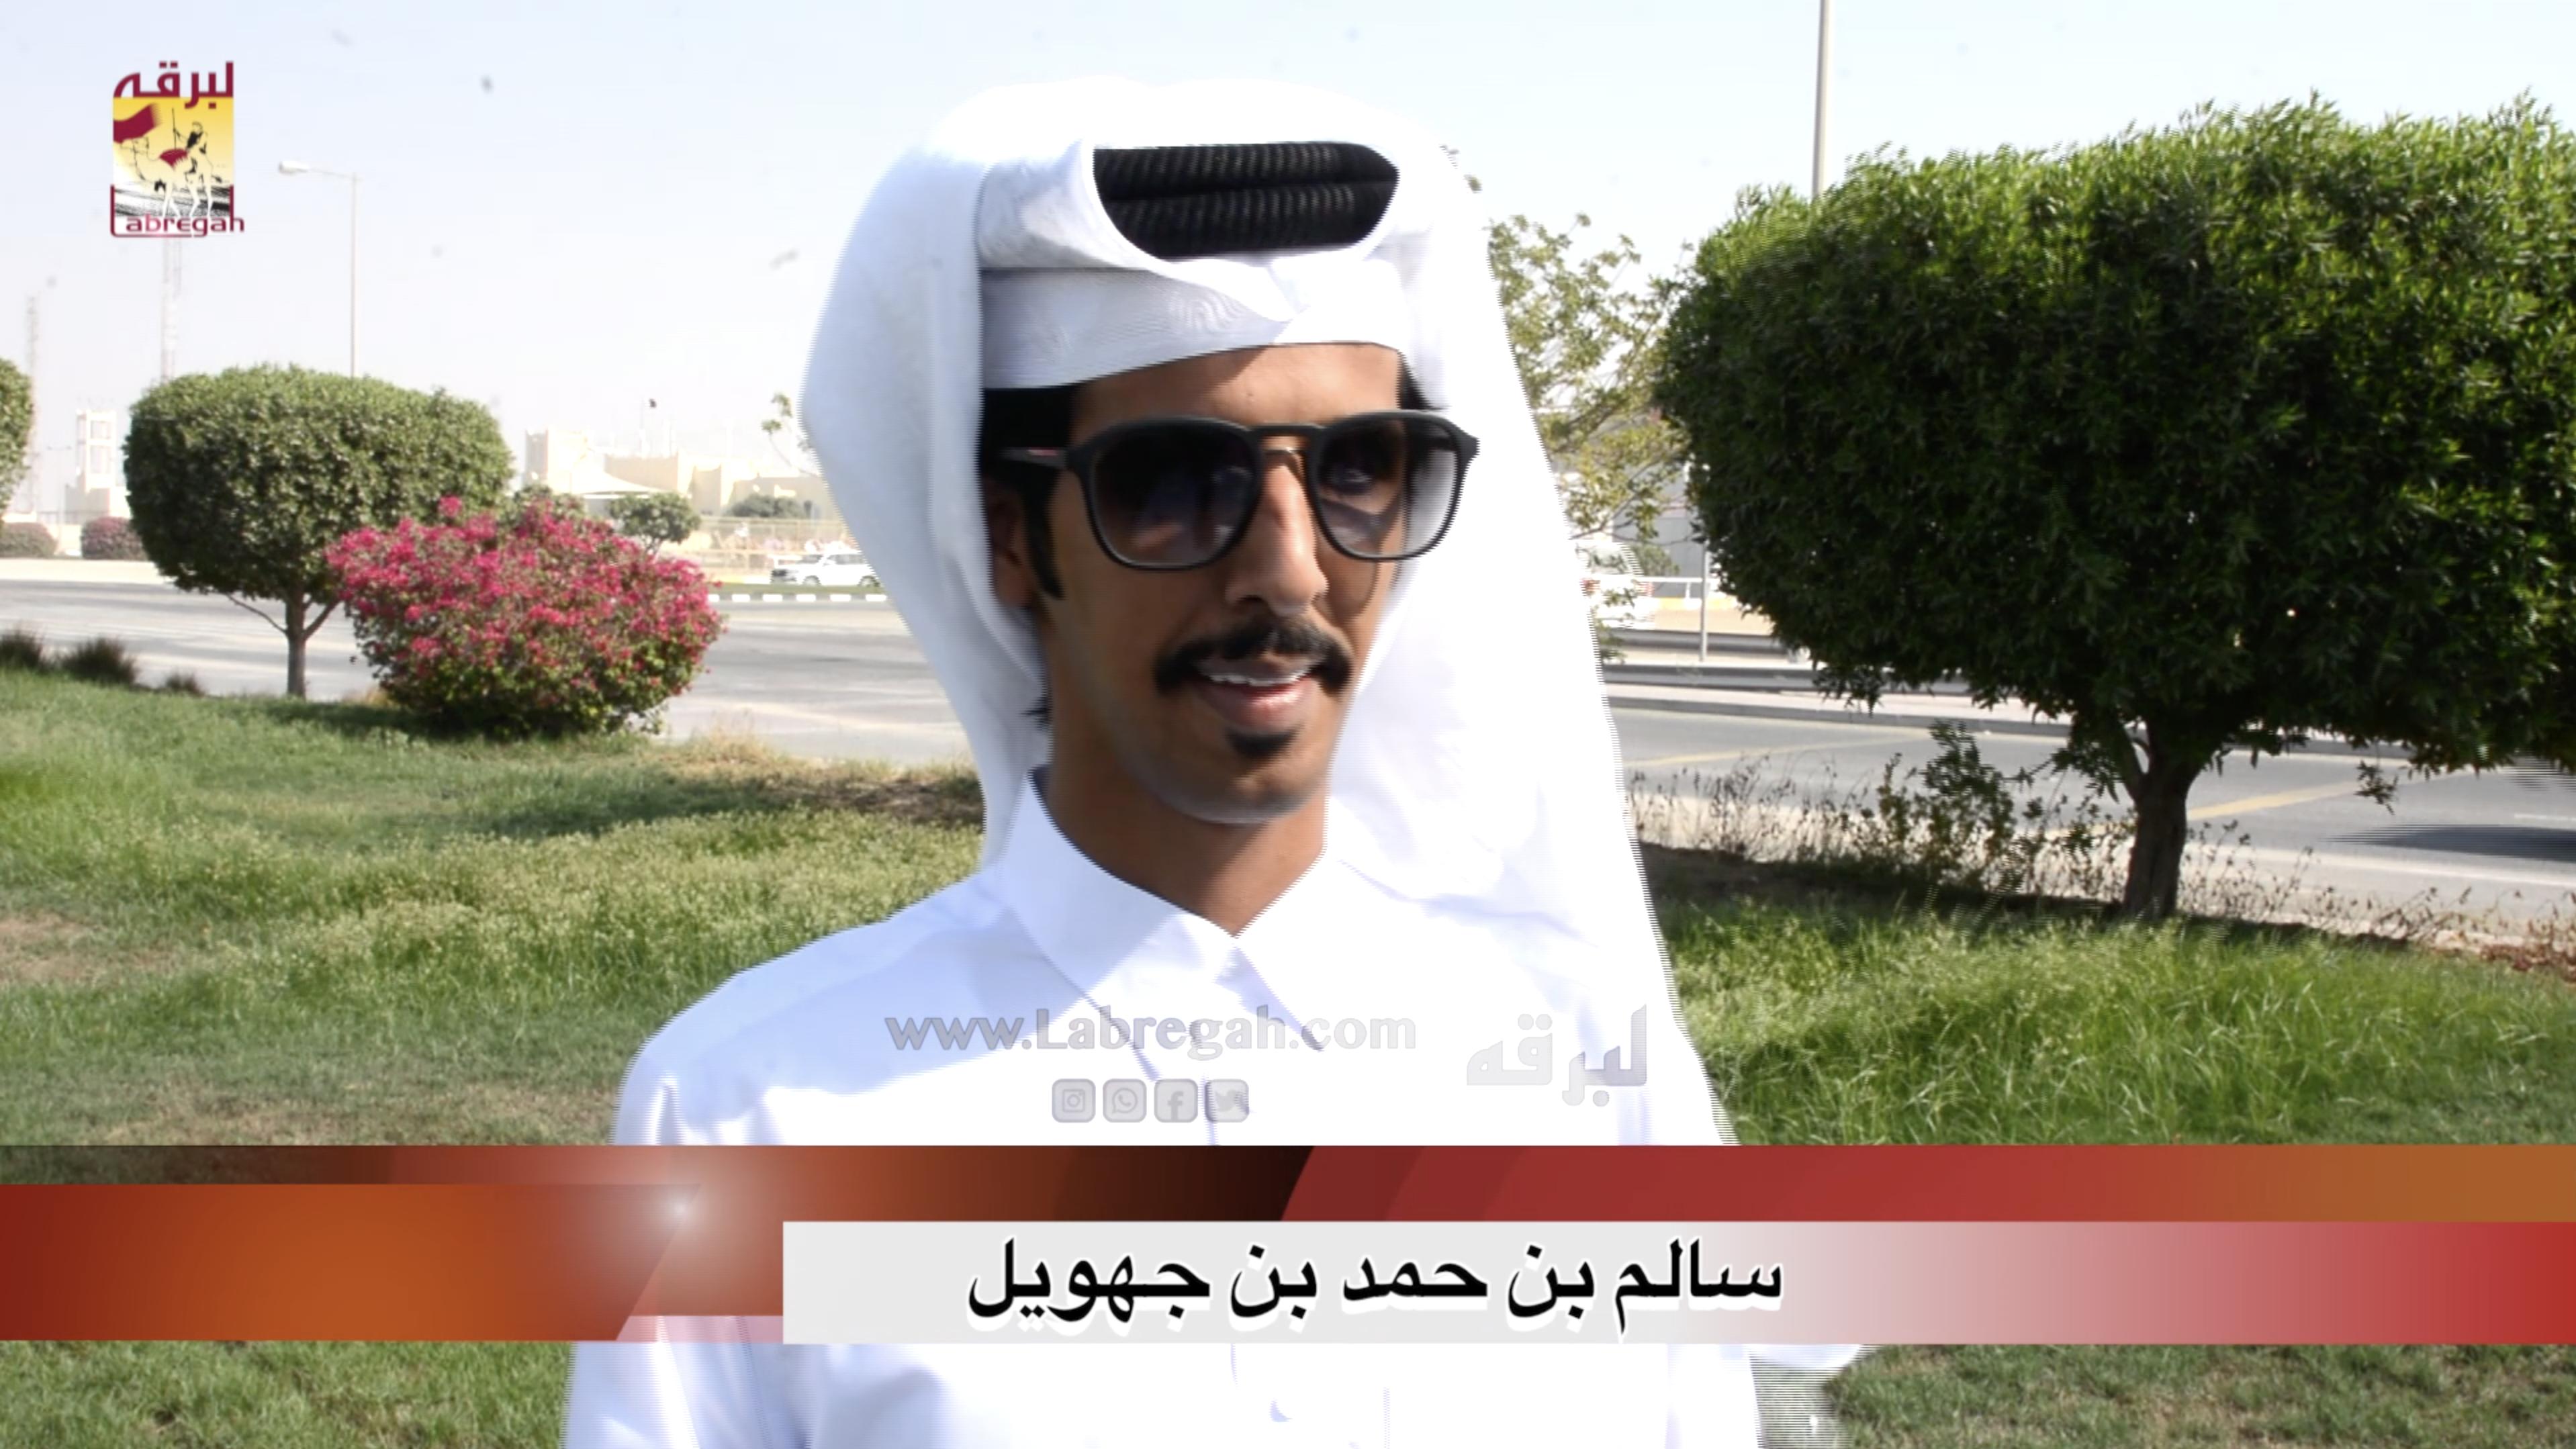 لقاء مع سالم بن حمد بن جهويل.. الشوط الرئيسي للجذاع قعدان إنتاج صباح ٩-٩-٢٠٢٠